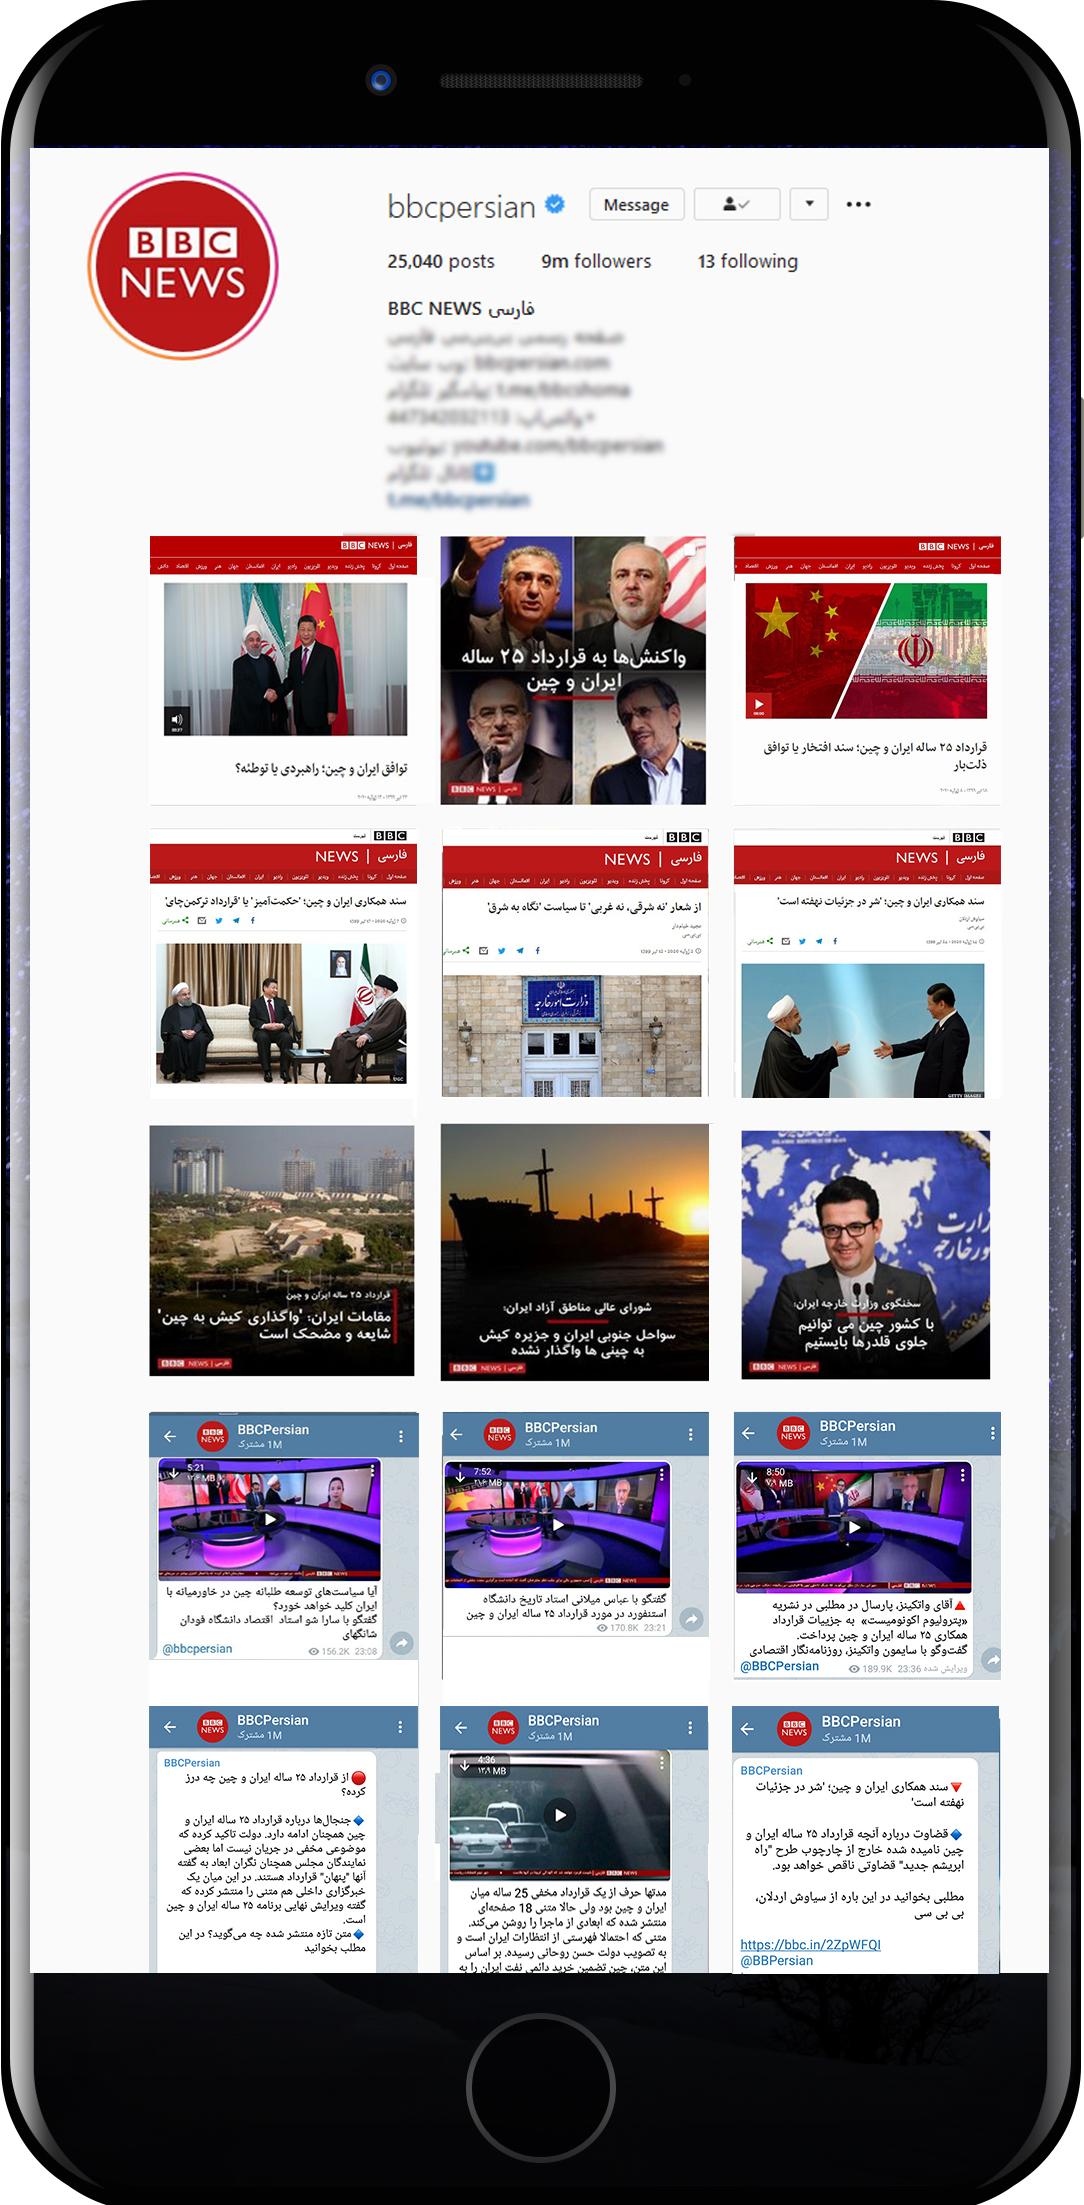 رکورد زنی شبکههای معاند برای انتشار اخبار دروغ علیه همکاری ایران و چین / از واگذاری جزیره کیش تا ورود نظامی ارتش سرخ به ایران!